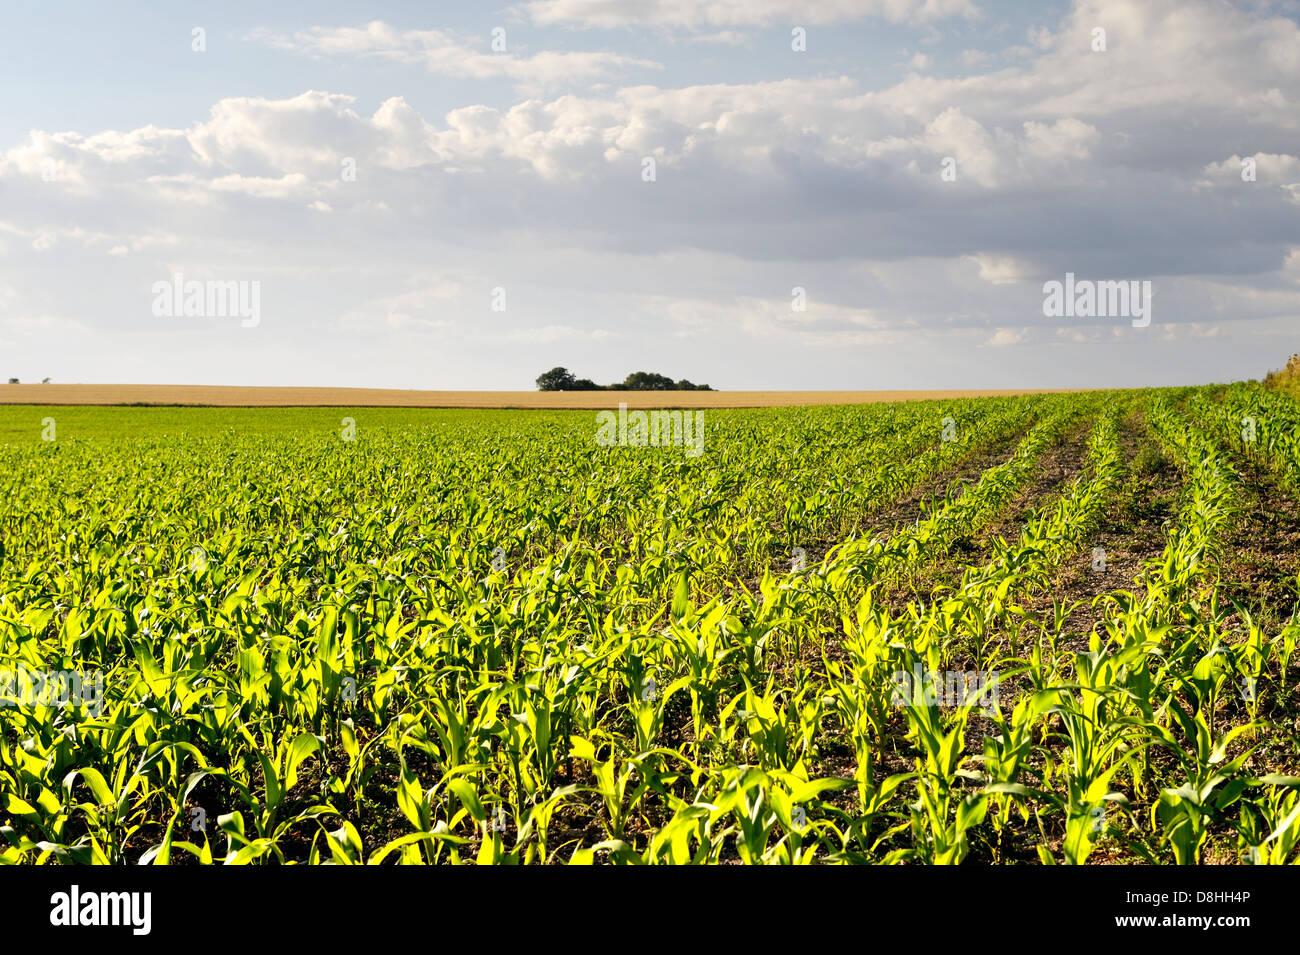 La croissance précoce des épis de maïs maïs maïs semis Semis plantes végétales Photo Stock